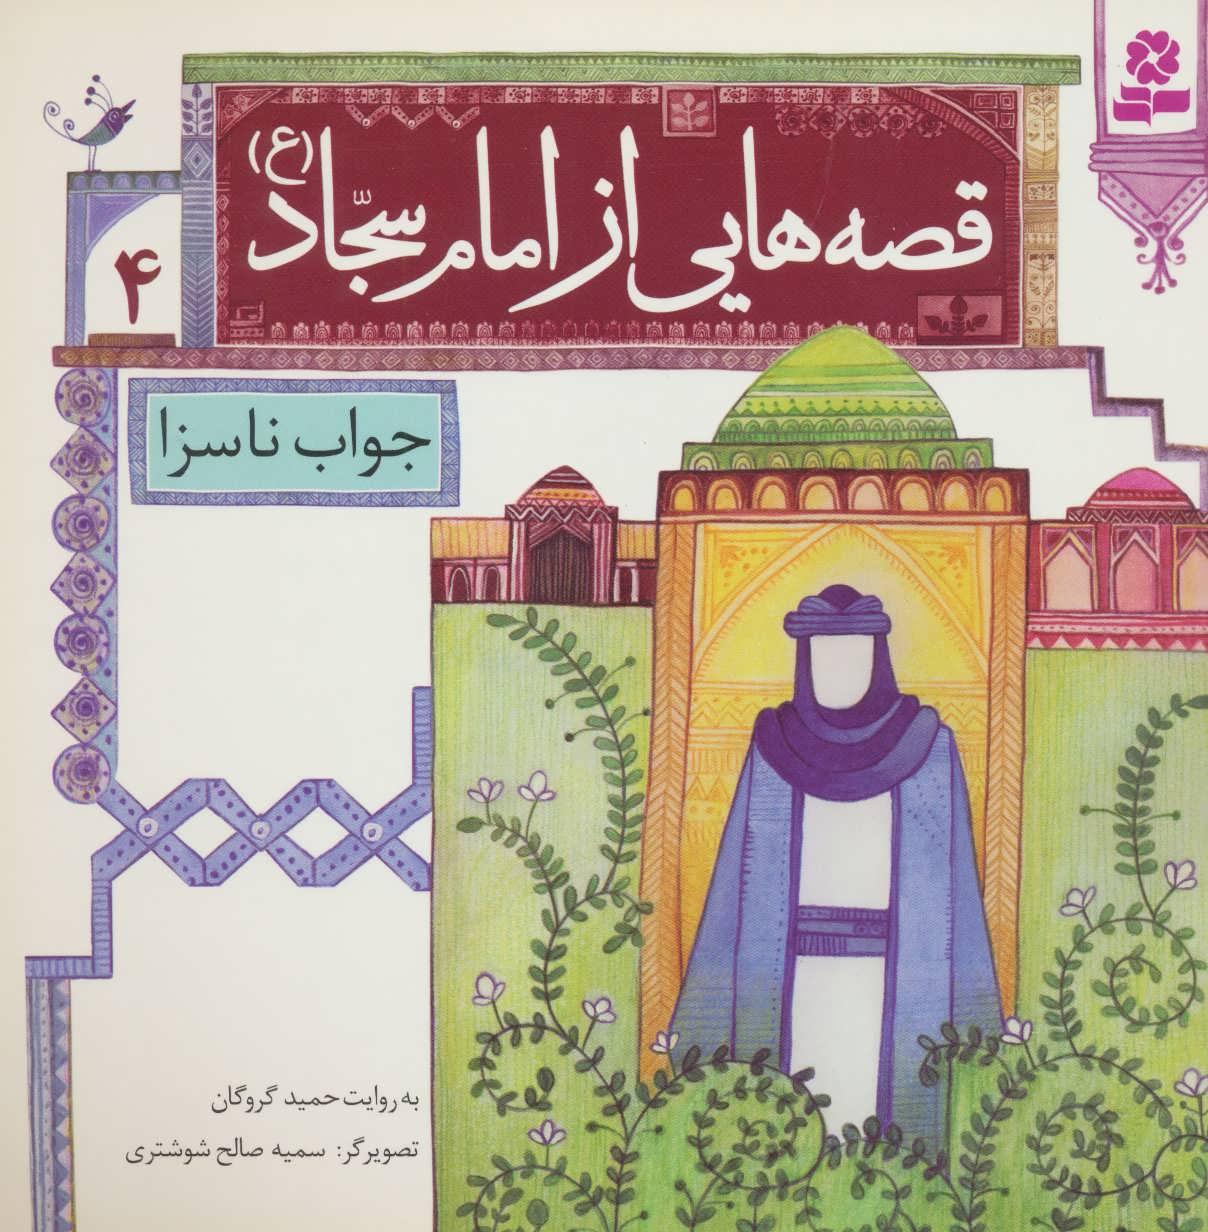 قصه هايي از امام سجاد (ع) 4 (جواب ناسزا)،(گلاسه)